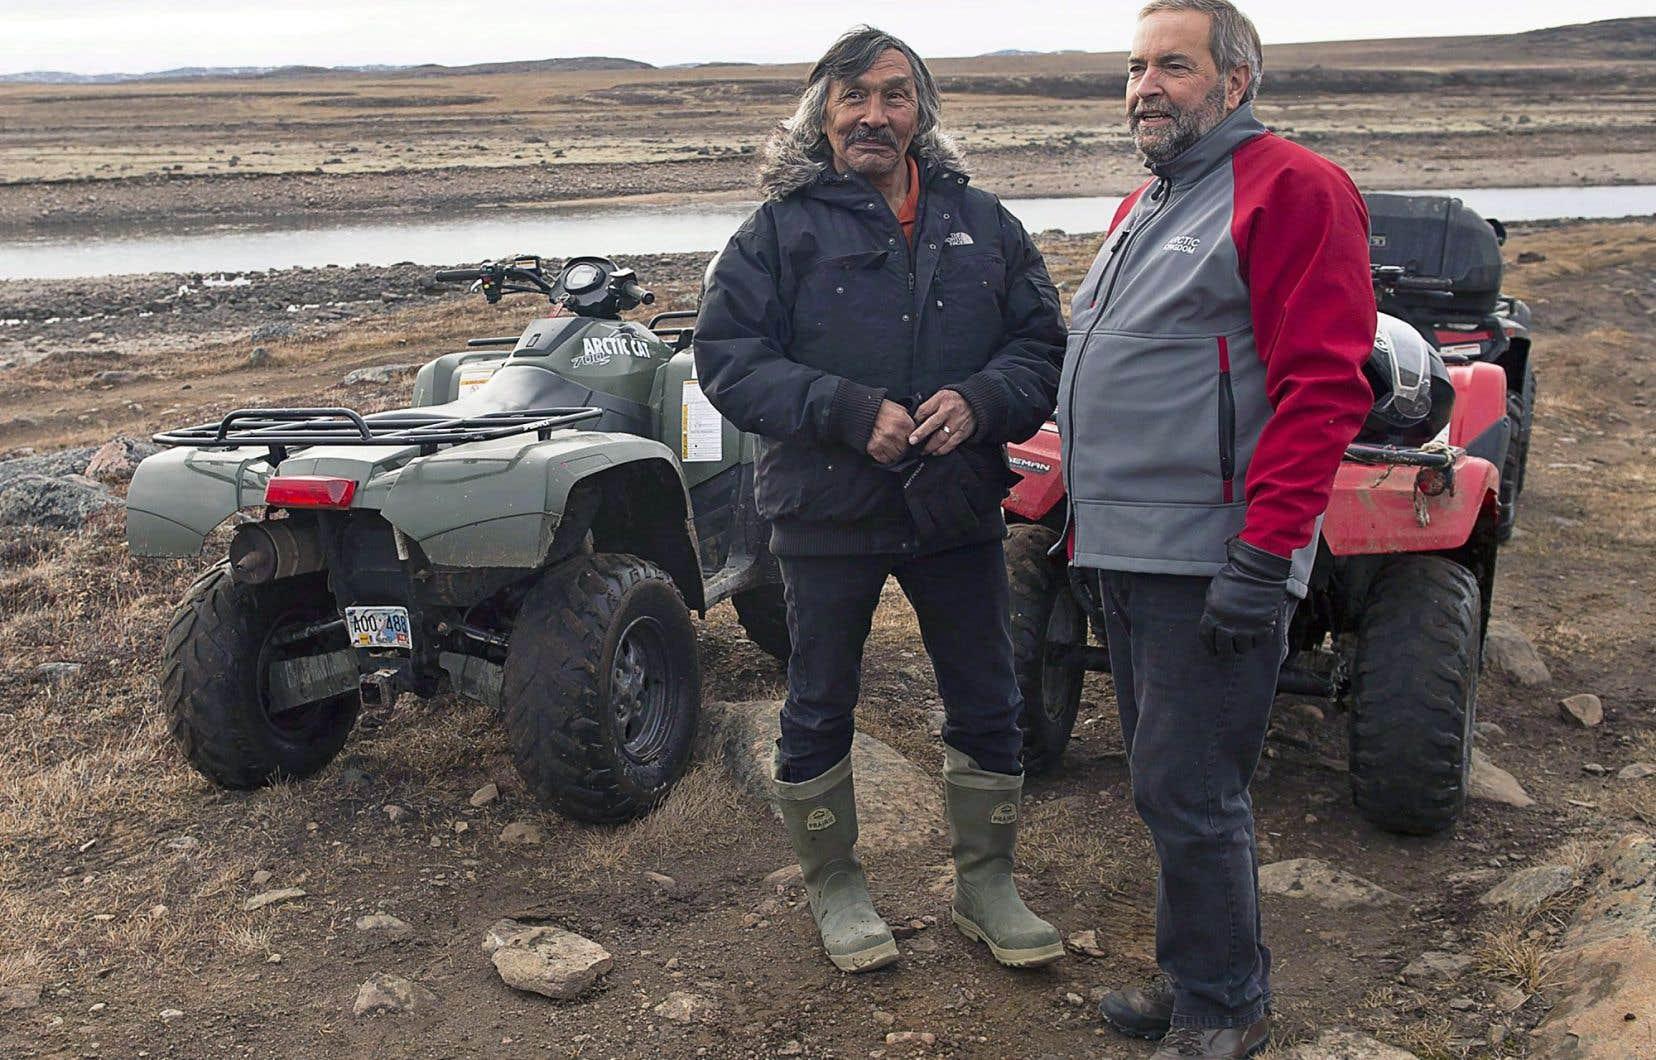 L'ex-député libéral Jack Anawak (à gauche) avait huit ans, en 1956, lorsque des médecins ont emmené sa mère au sud pour lui faire subir des traitements contre la tuberculose. Ci-dessus, l'homme est en compagnie du chef sortant du NPD, Thomas Mulcair, en 2015, au Nunavut.